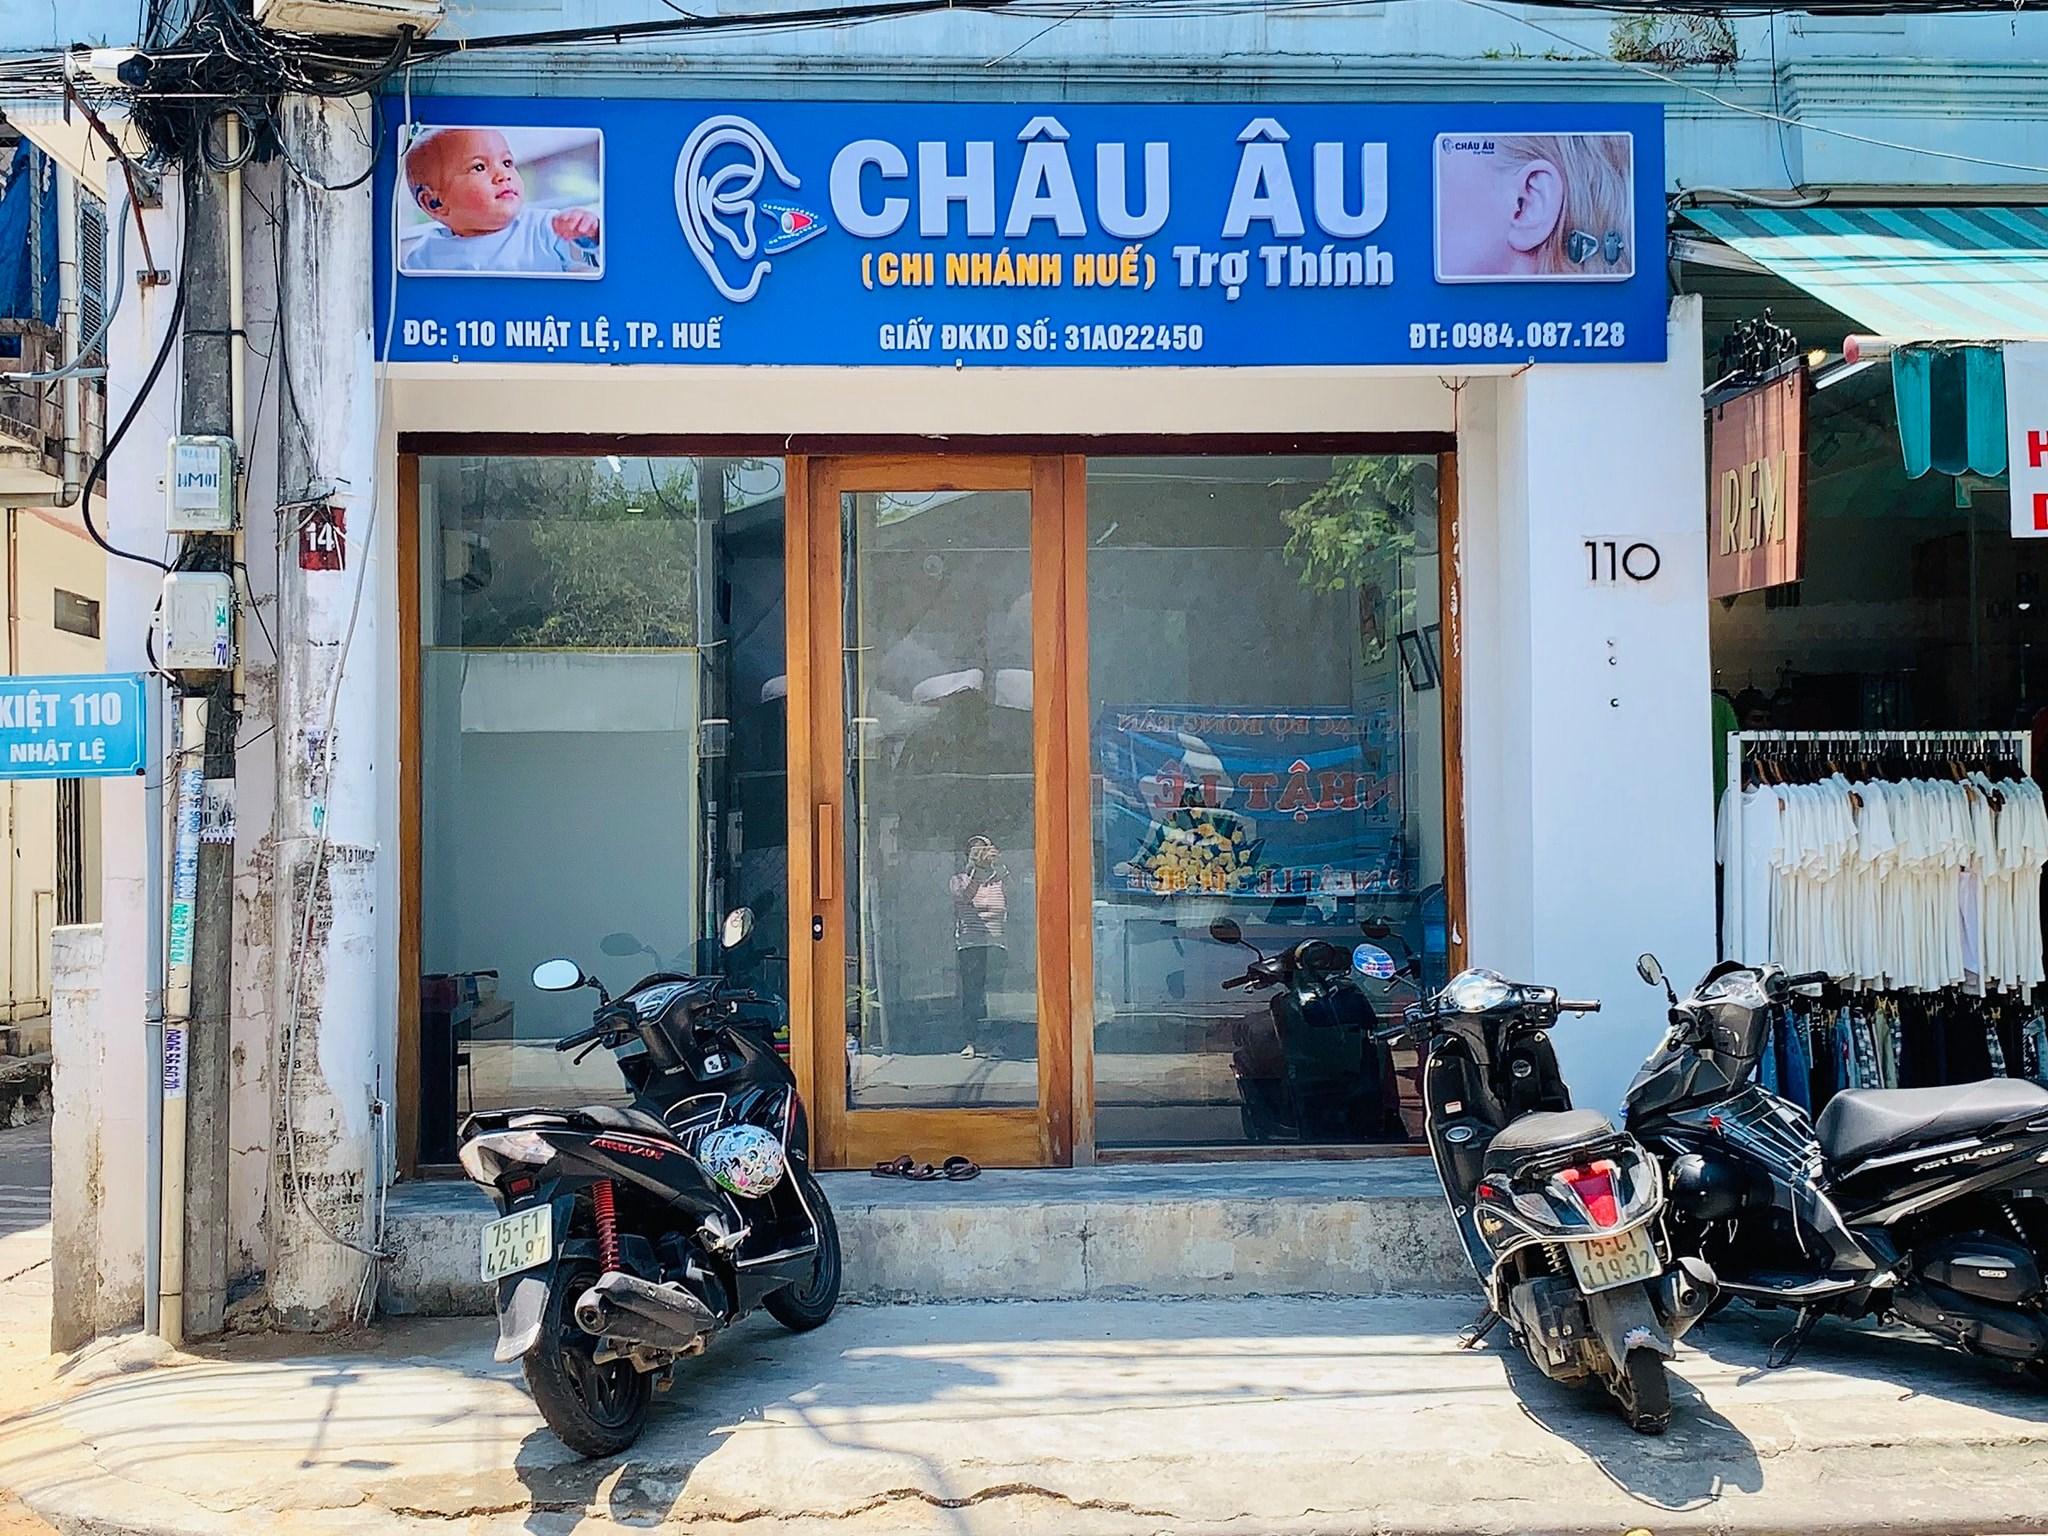 Địa chỉ mua máy trợ thính tại Huế